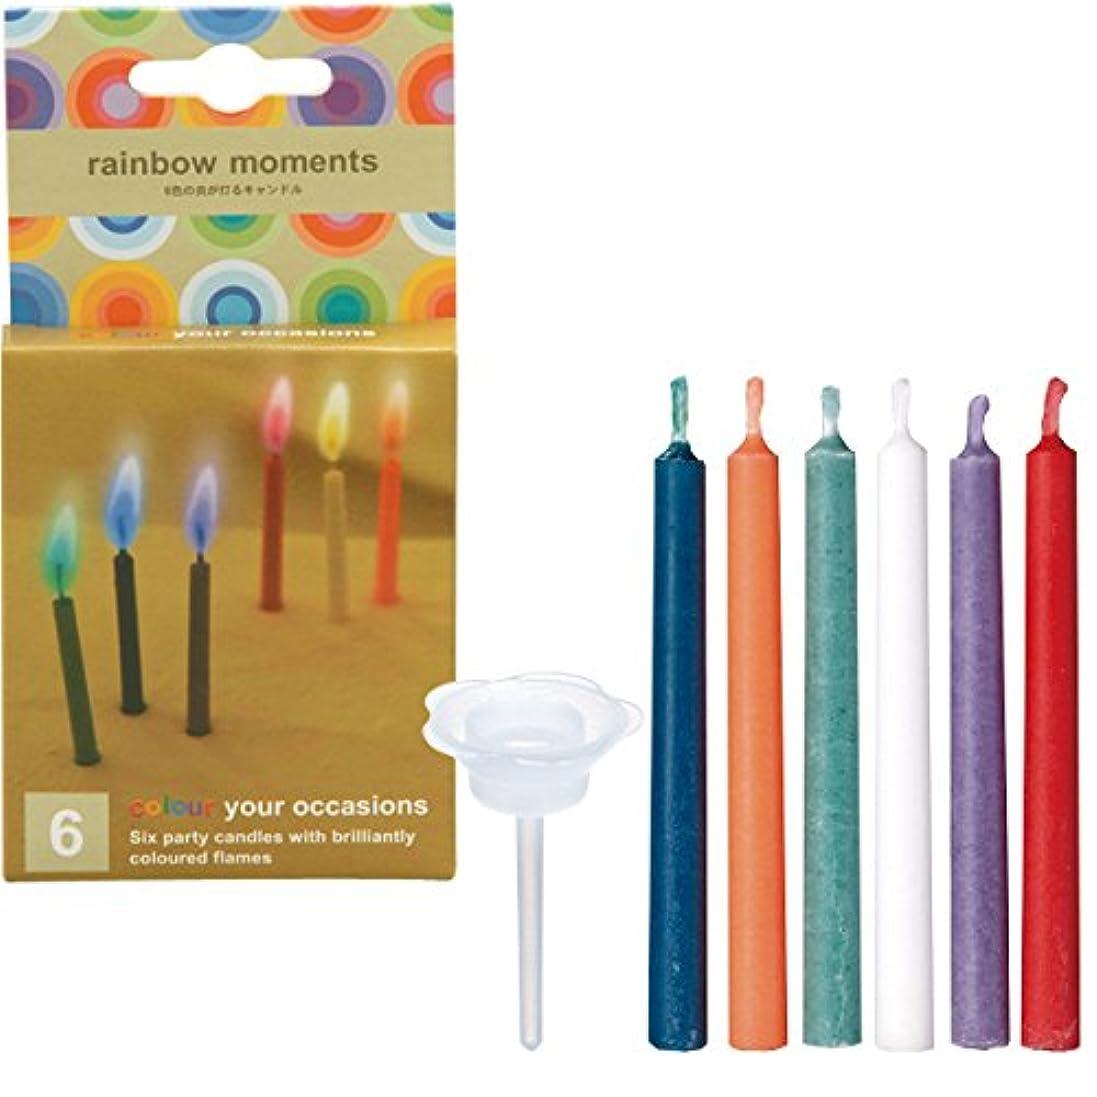 教会トレイ希少性rainbowmoments(レインボーモーメント)6色6本入り 「 6本入り 」 キャンドル 56050000